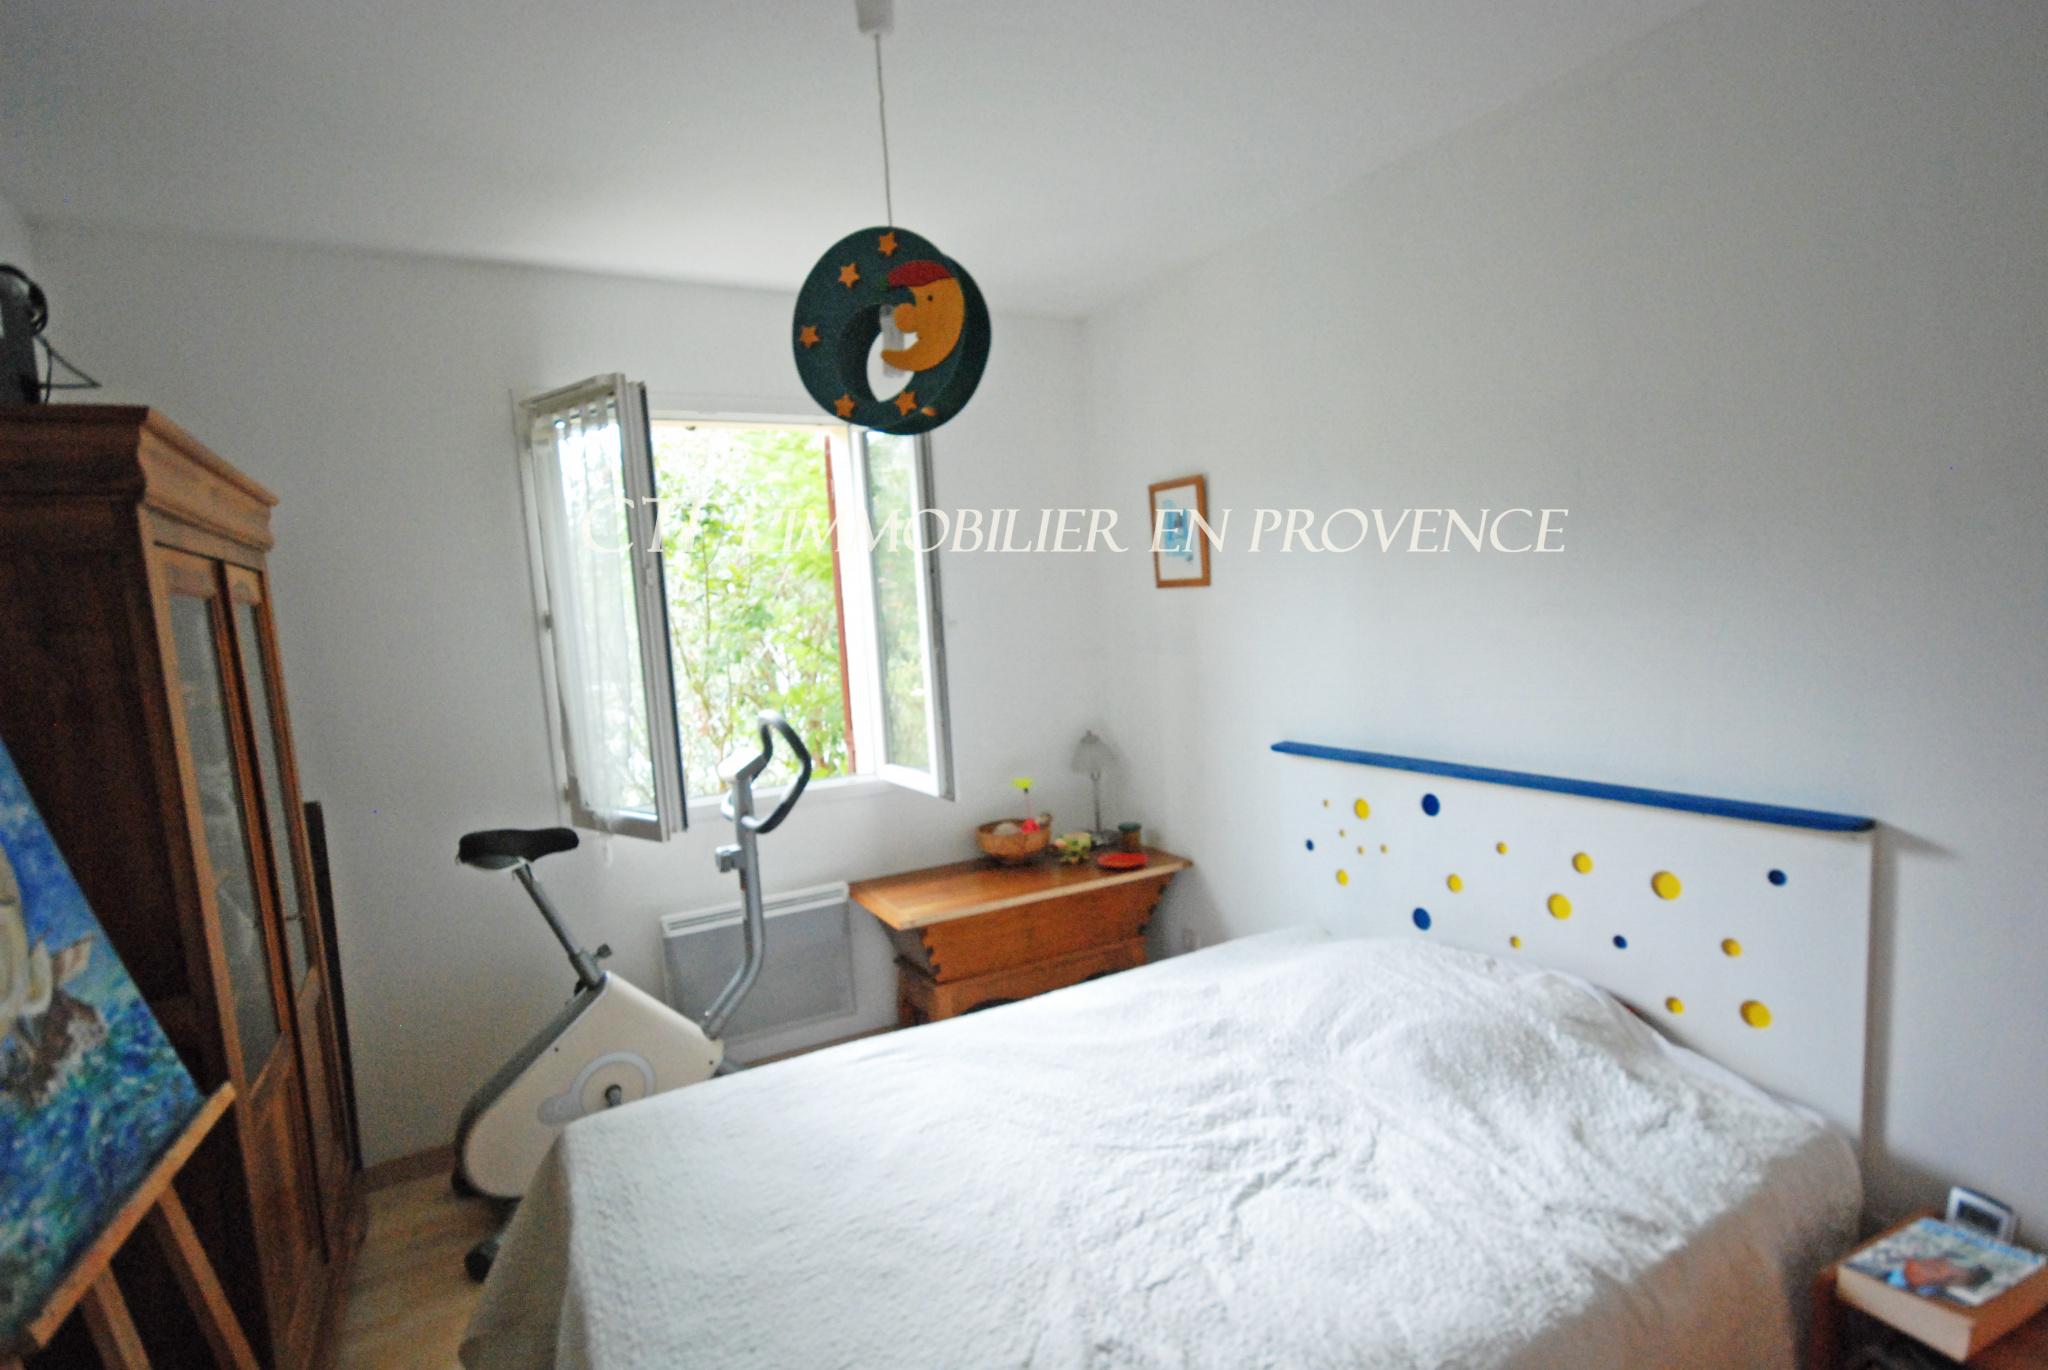 0 www.cti-provence.net A VENDRE PROCHE VAISON LA ROMAINE VILLA PLAIN PIED CONFORT 4 CHAMBRES JARDIN